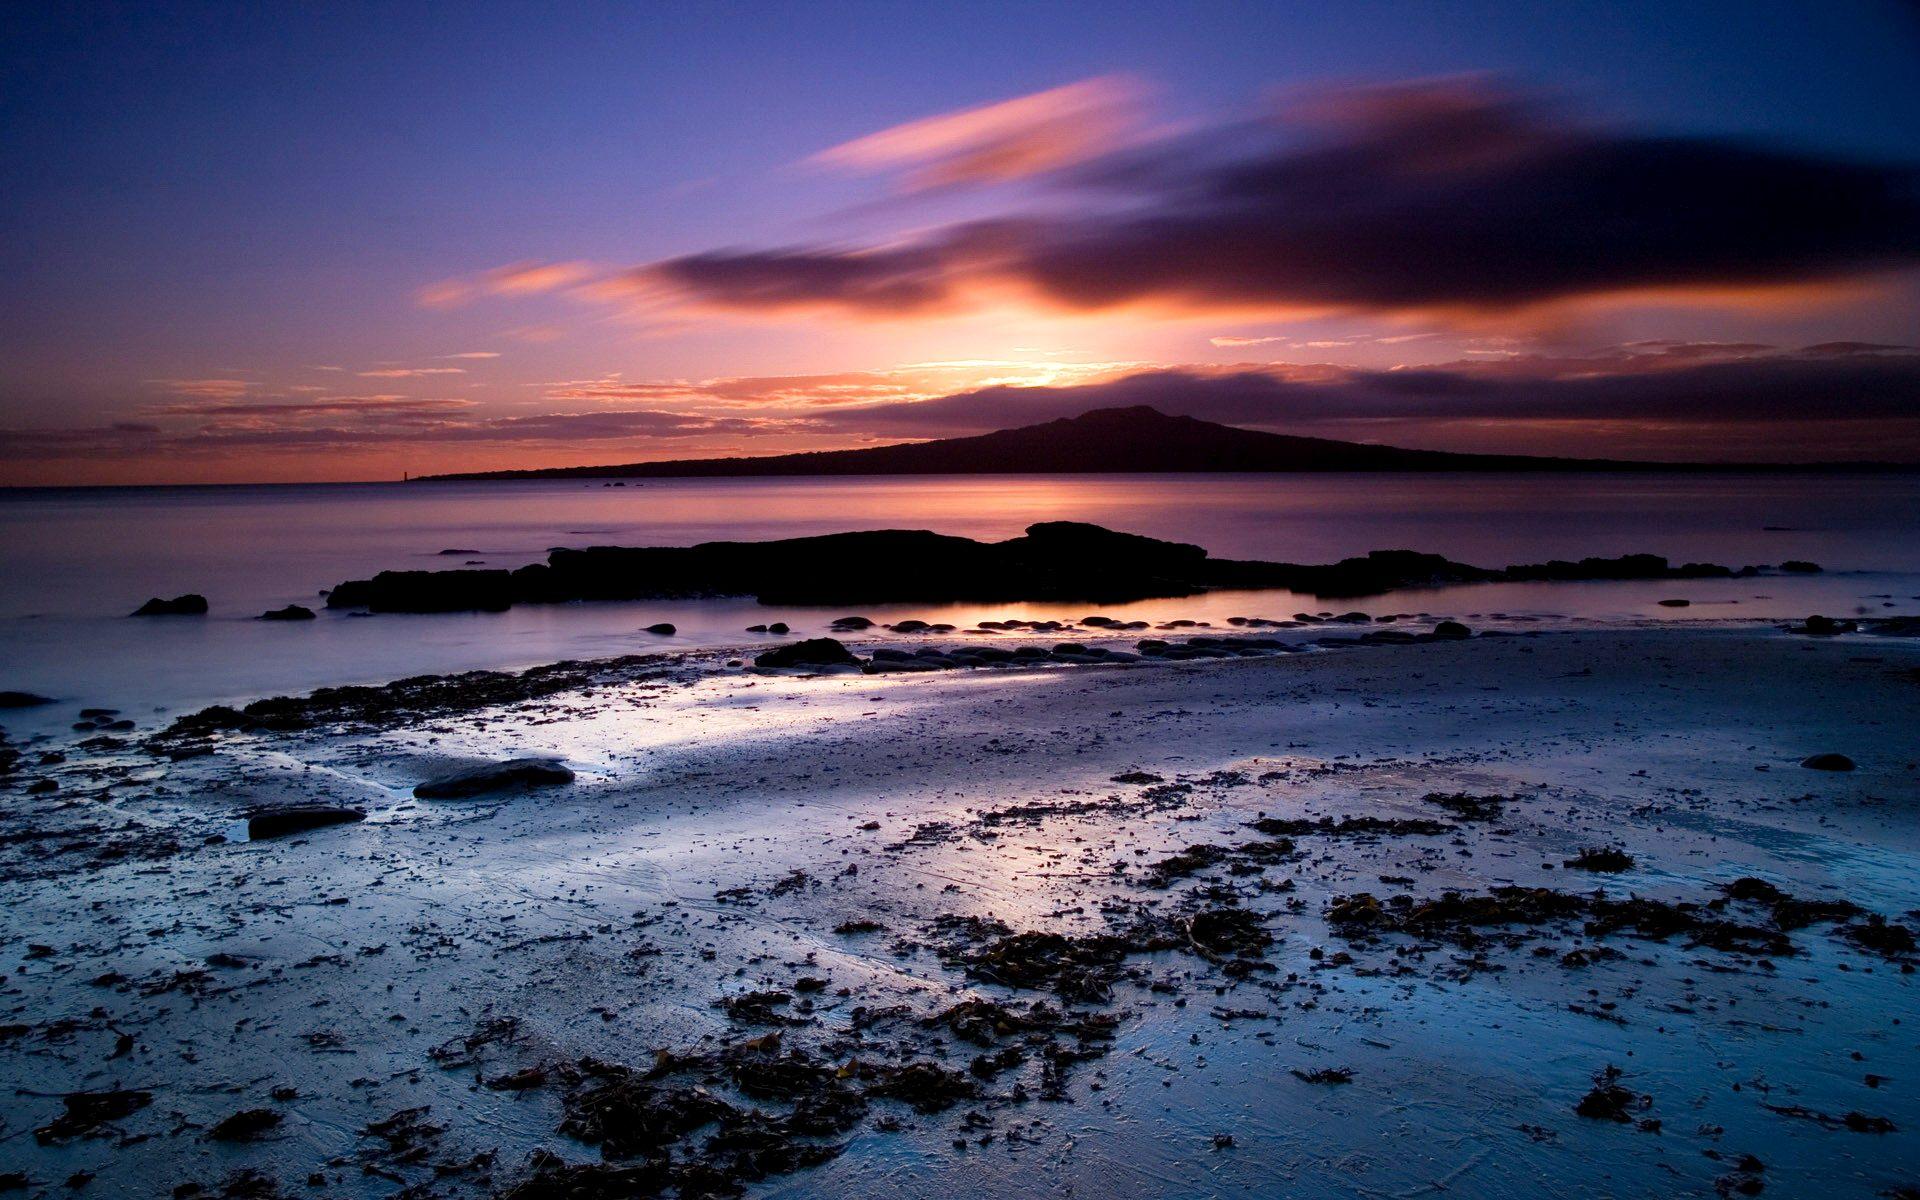 Sunset Wallpaper Fullscreen HD Download 2422 Wallpaper 1920x1200